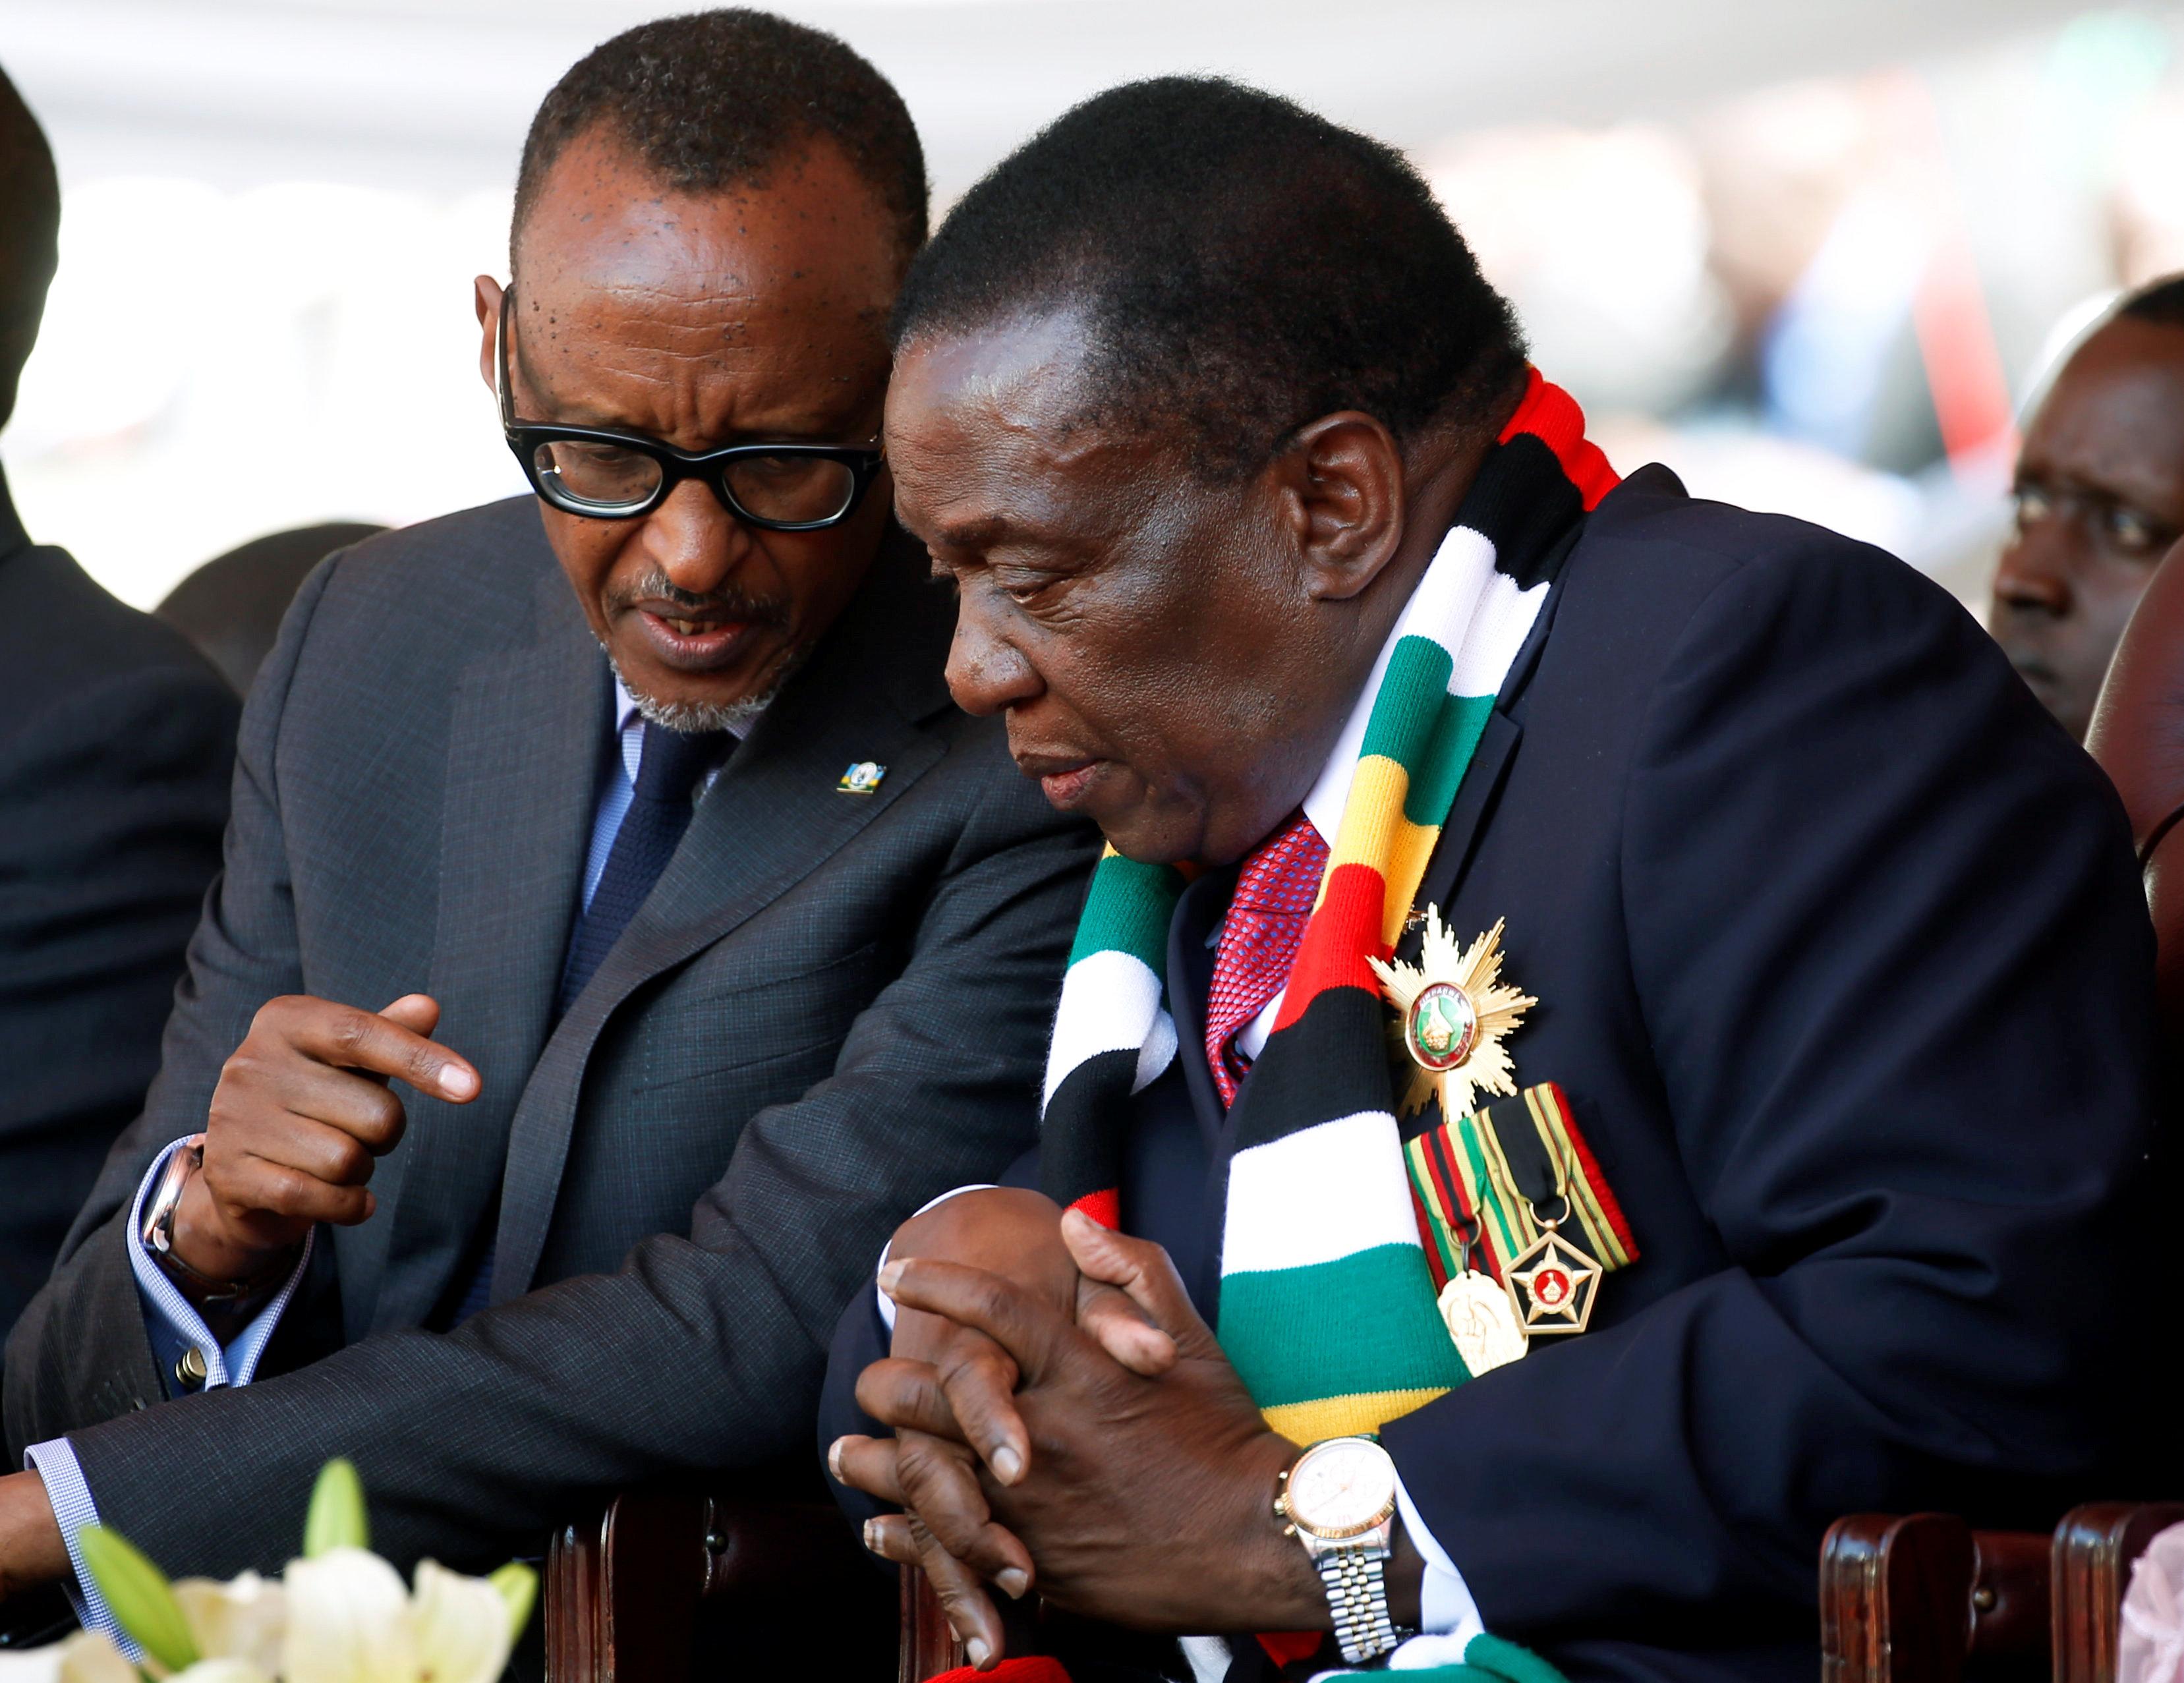 رئيس زيمبابوي يتحدث إلى الرئيس الرواندي خلال مراسم التنصيب